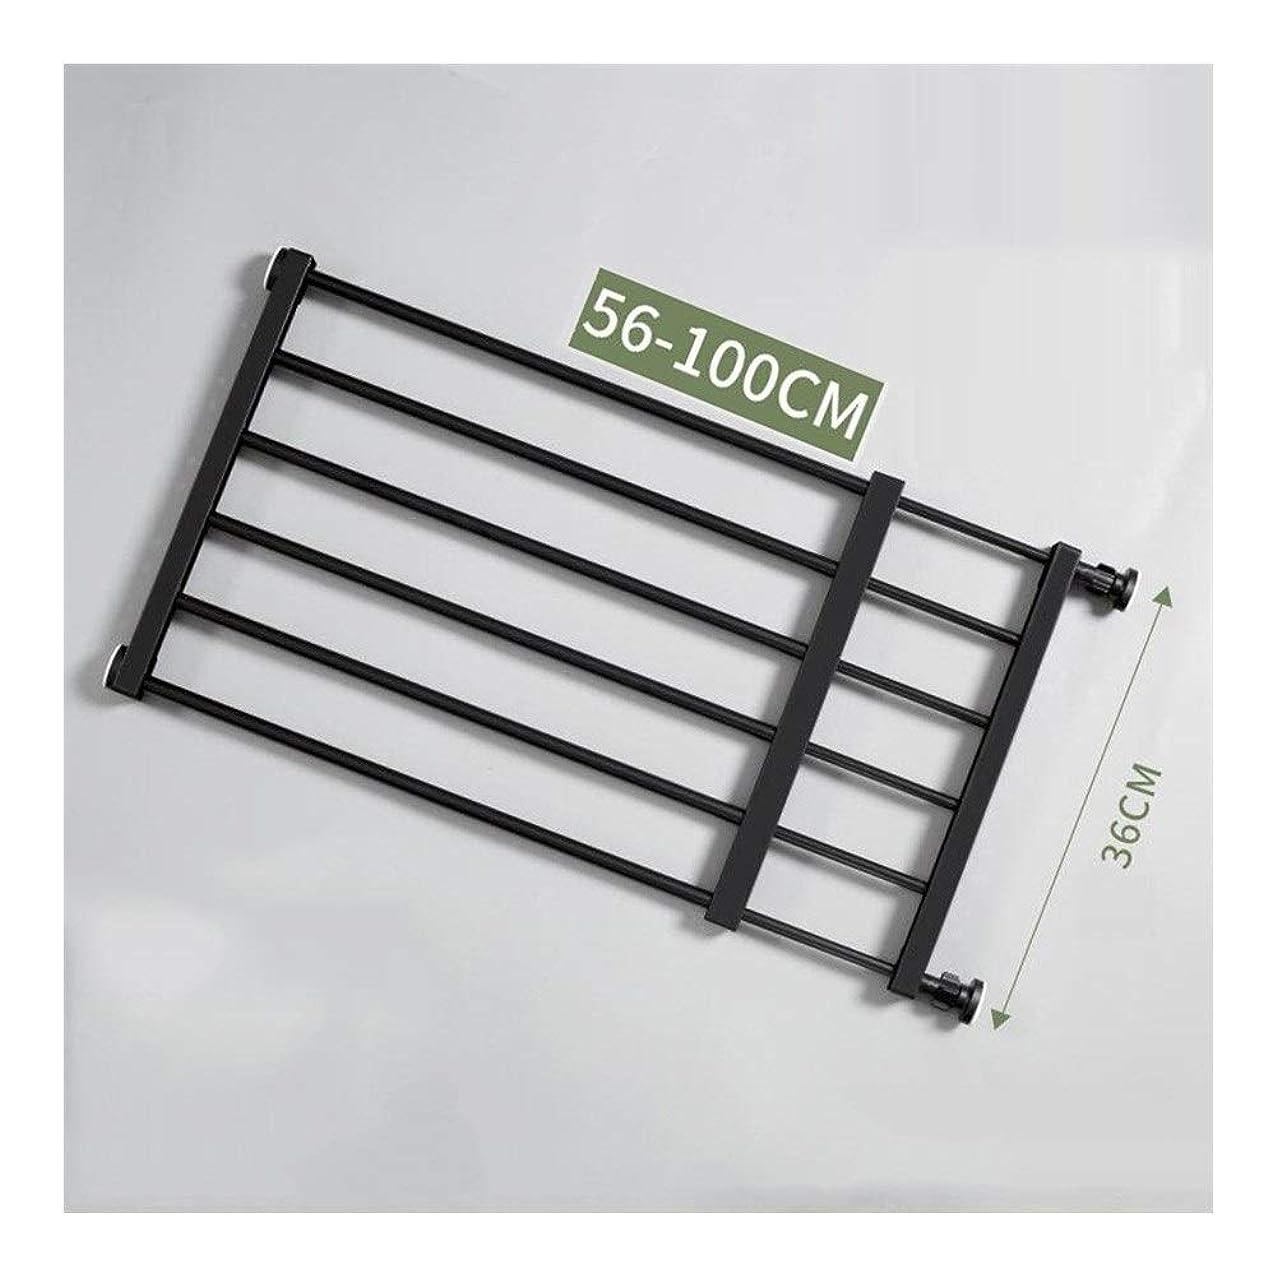 地上でラリーベルモントハーブZEMIN ベビーゲート ベビーゲート安全柵ペット手すり分離ドア調整可能な圧力のインストール、黒、9サイズ (Color : 36cm height, Size : 56-100cm)